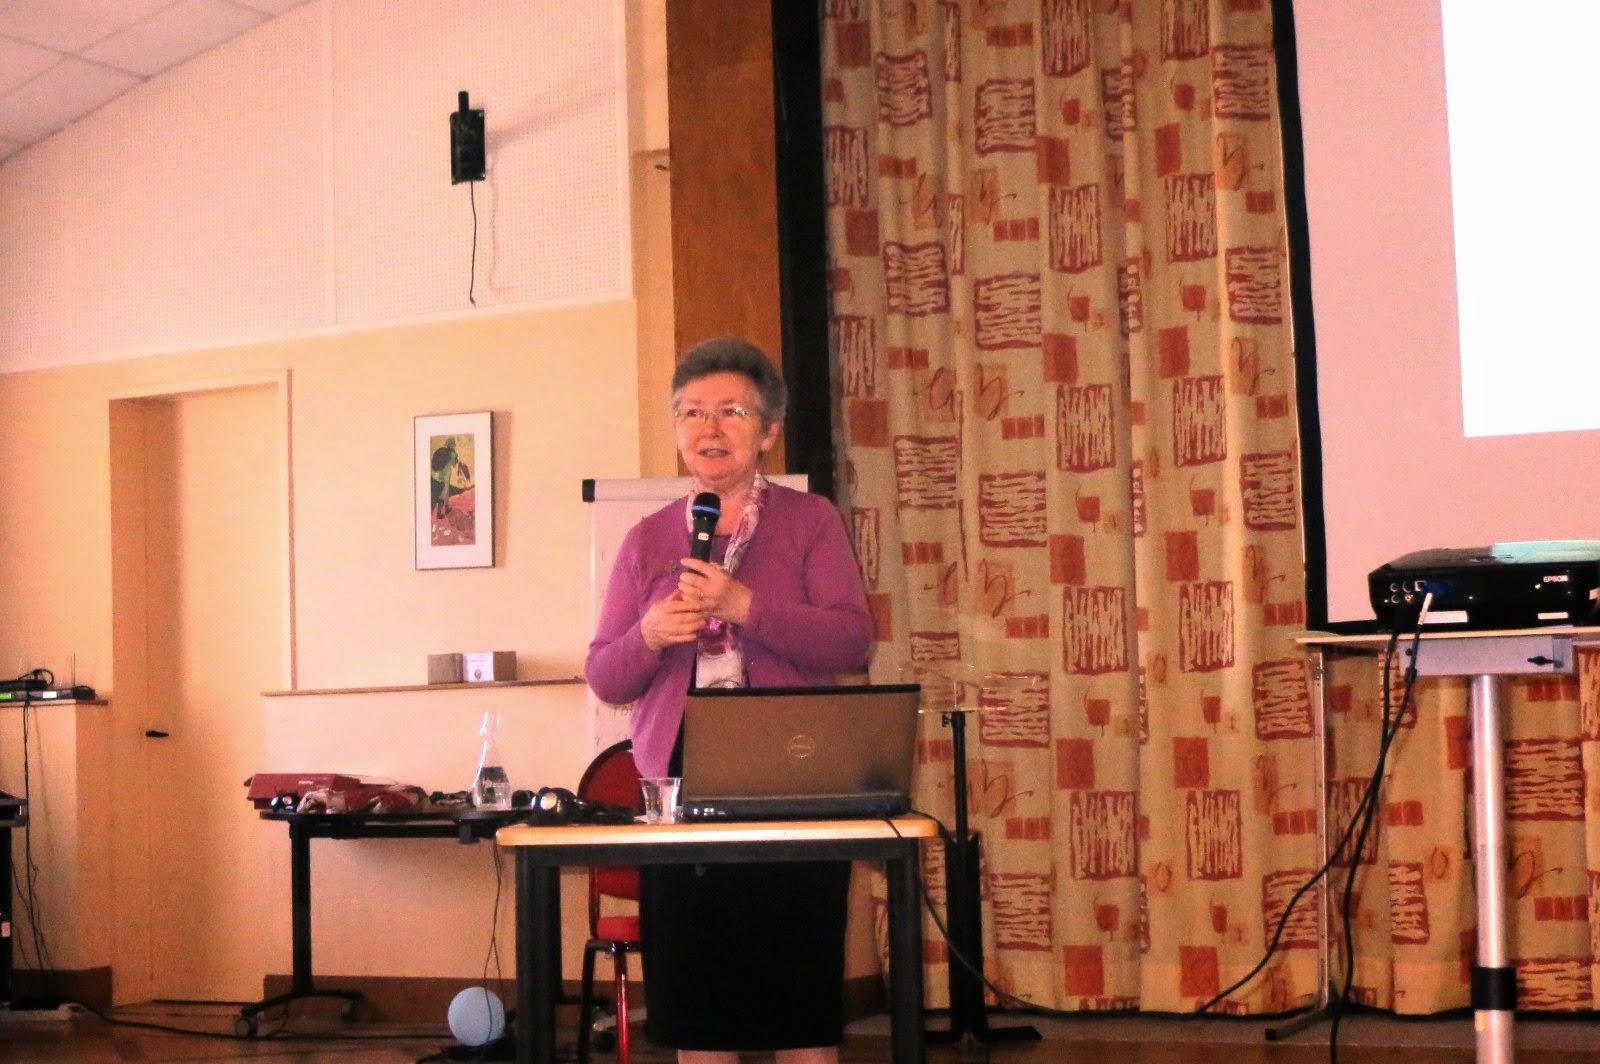 Noreen O'Shea Congregational Spirituality Centre